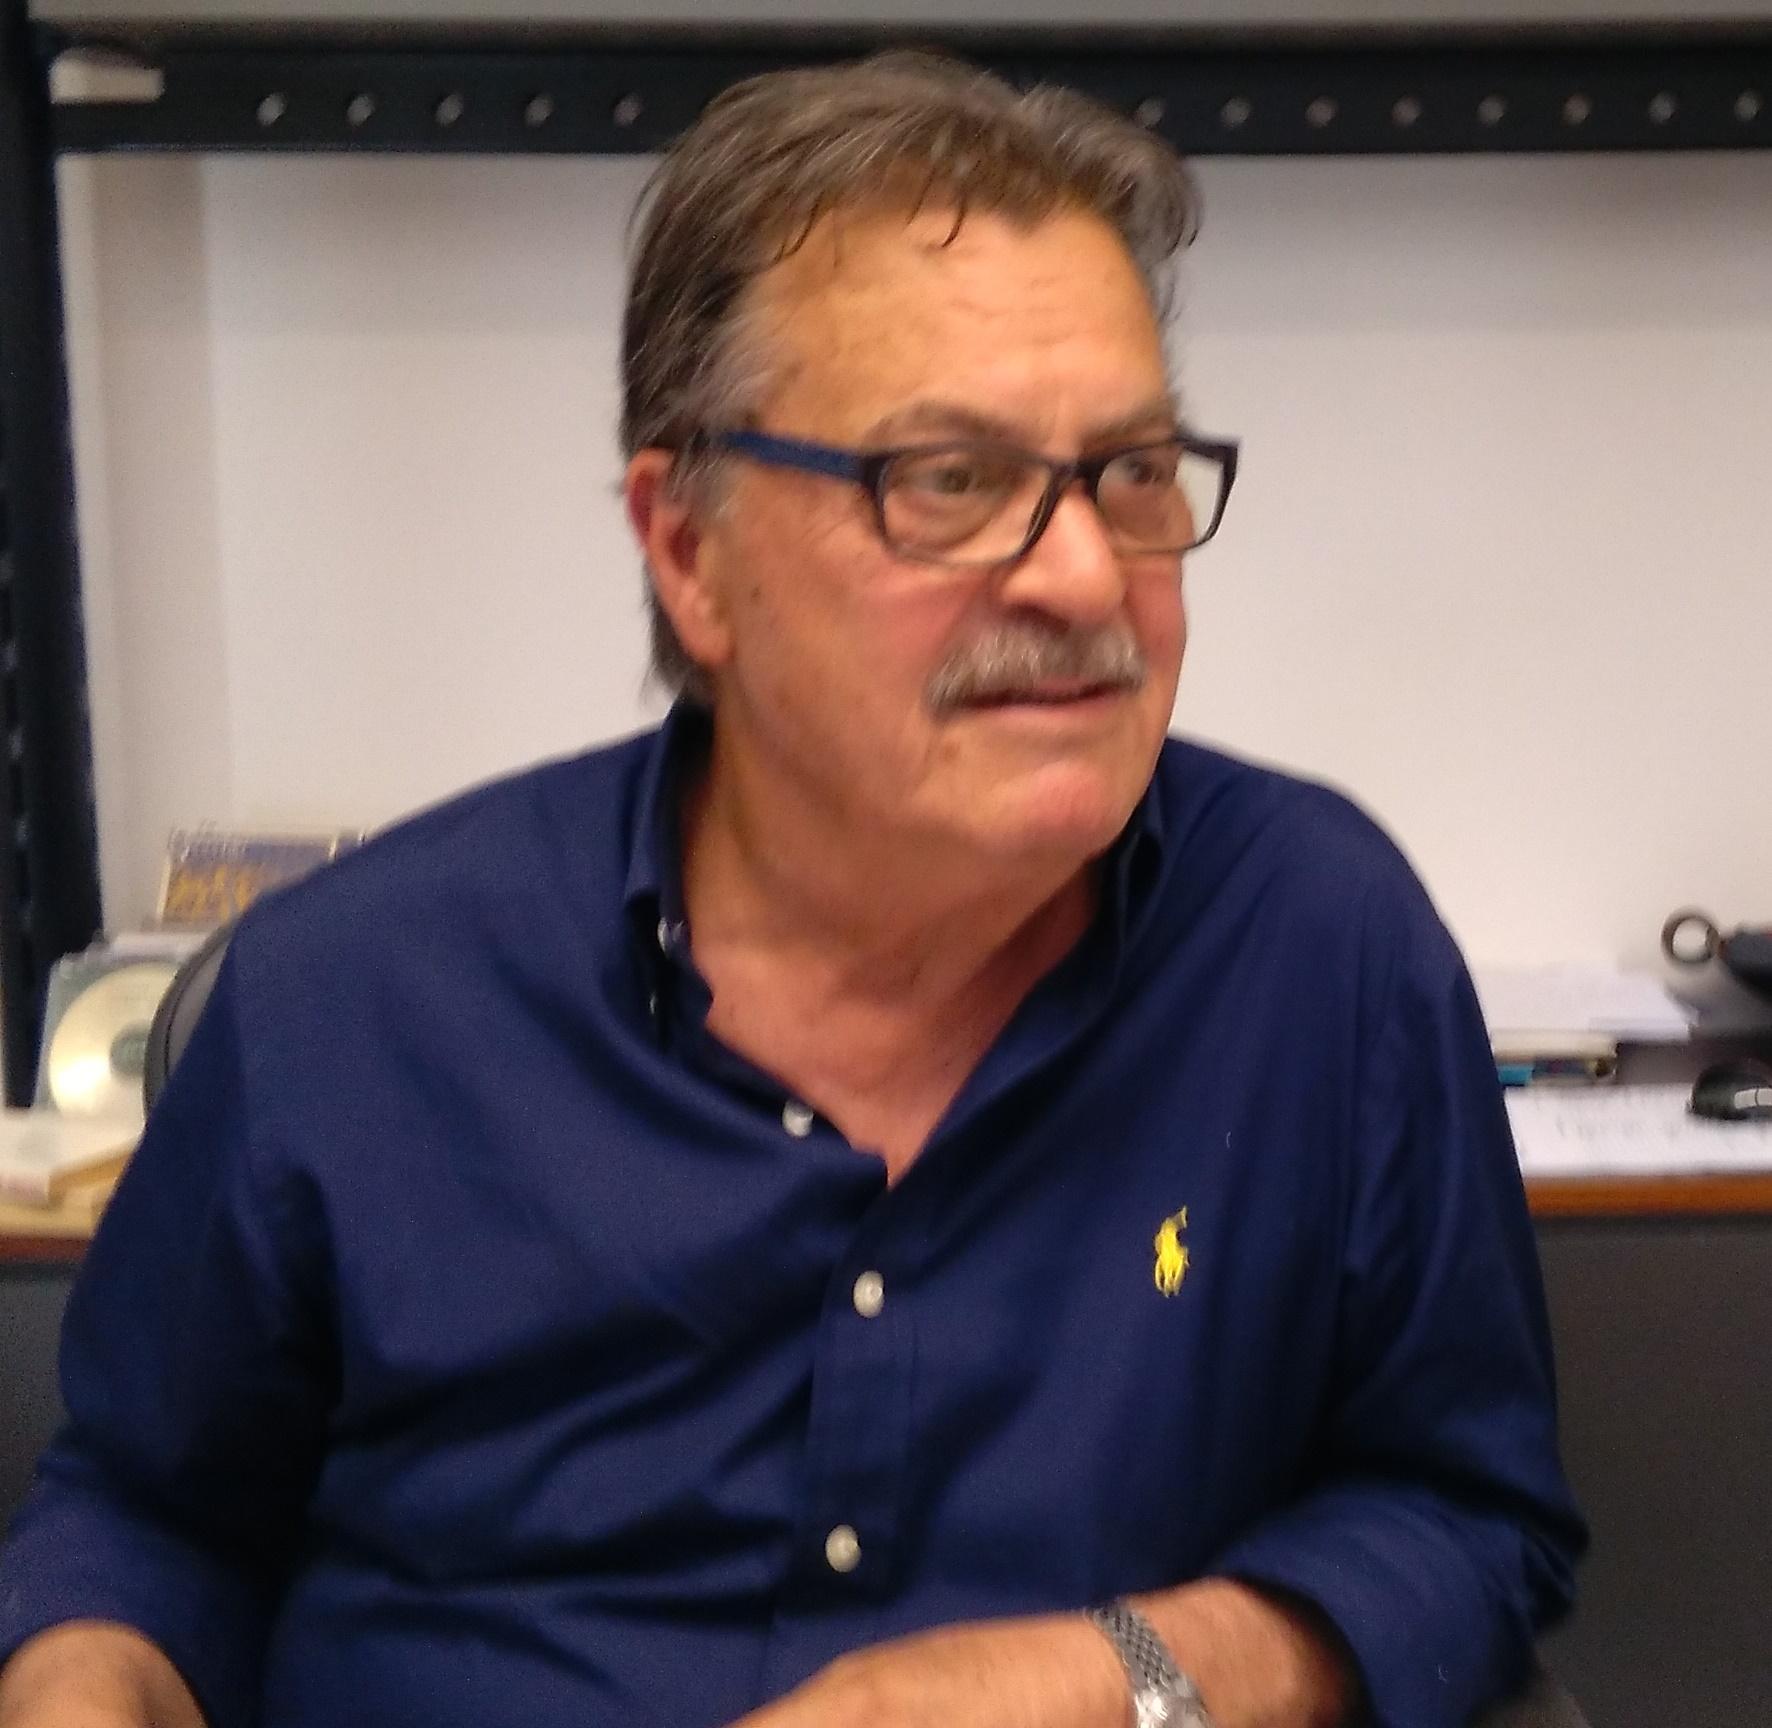 Mr. Cesare Tazzini